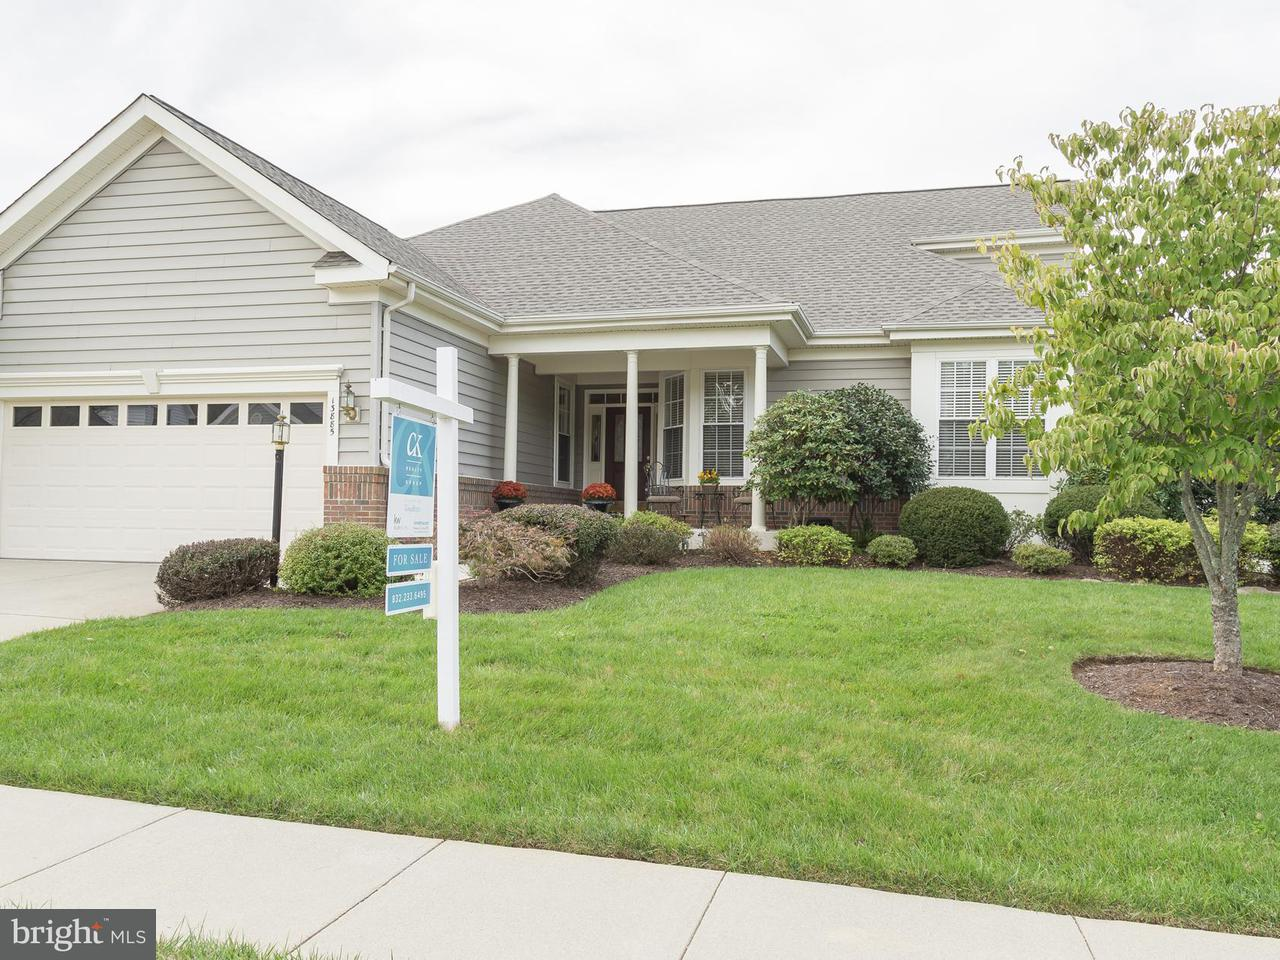 独户住宅 为 销售 在 13885 CRABTREE WAY 13885 CRABTREE WAY Gainesville, 弗吉尼亚州 20155 美国